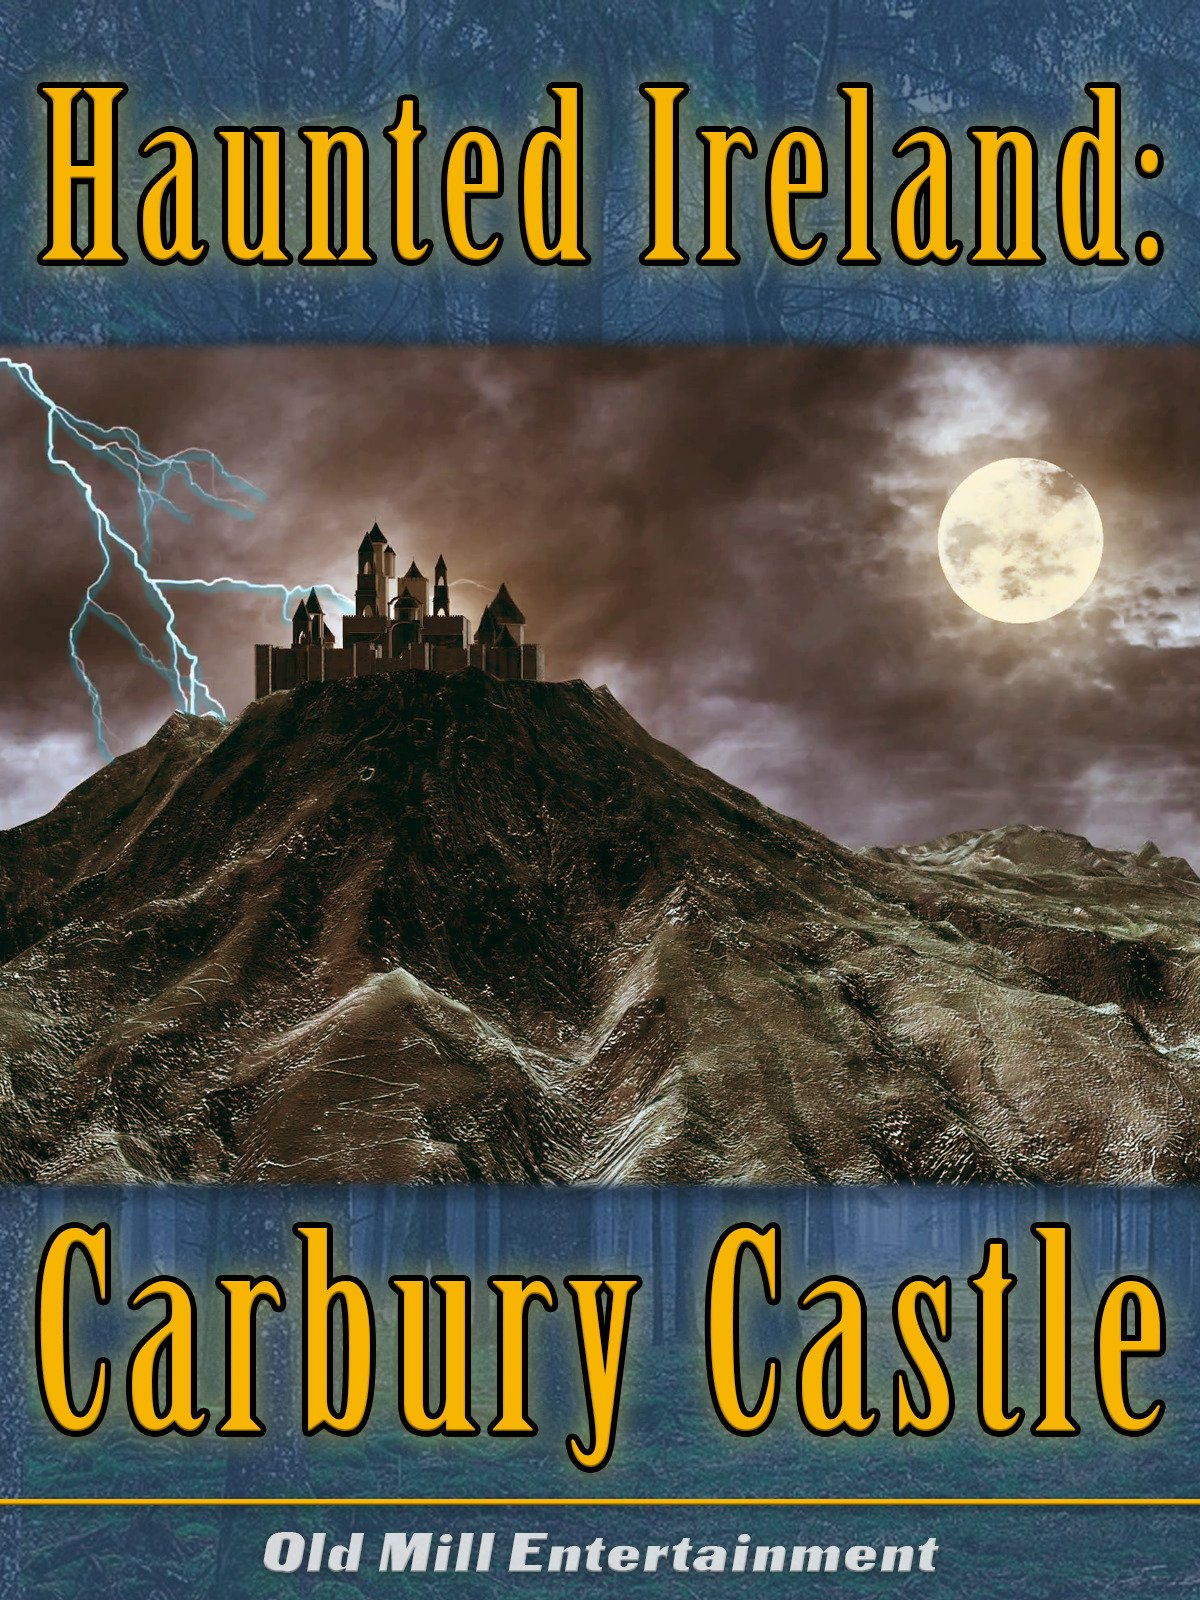 Haunted Ireland: Carbury Castle